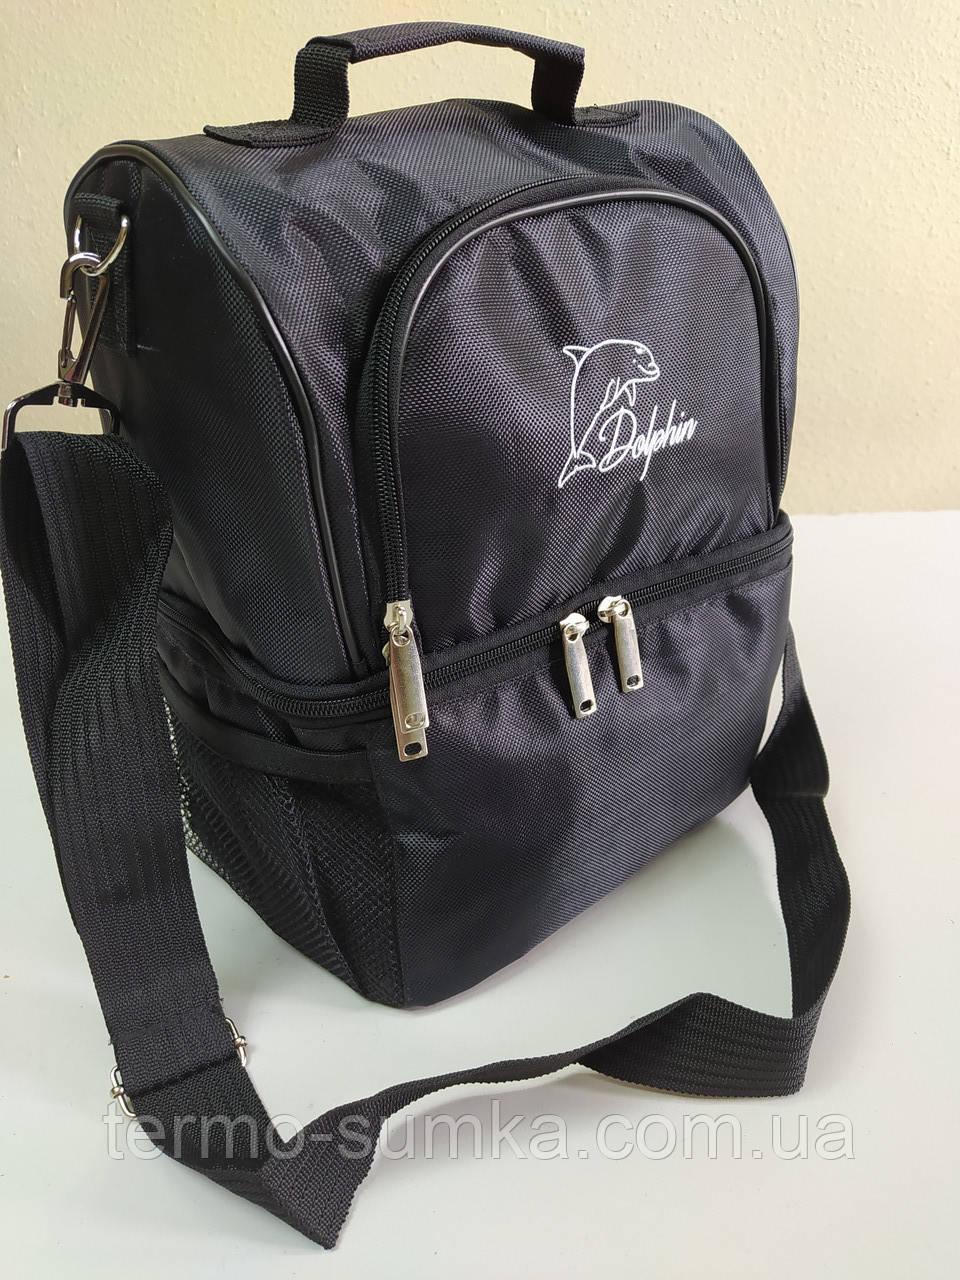 Термосумка для ланча, рюкзак для еды с собой, ланч бэг, терморюкзак для обеда, сумка холодильник. Чёрный